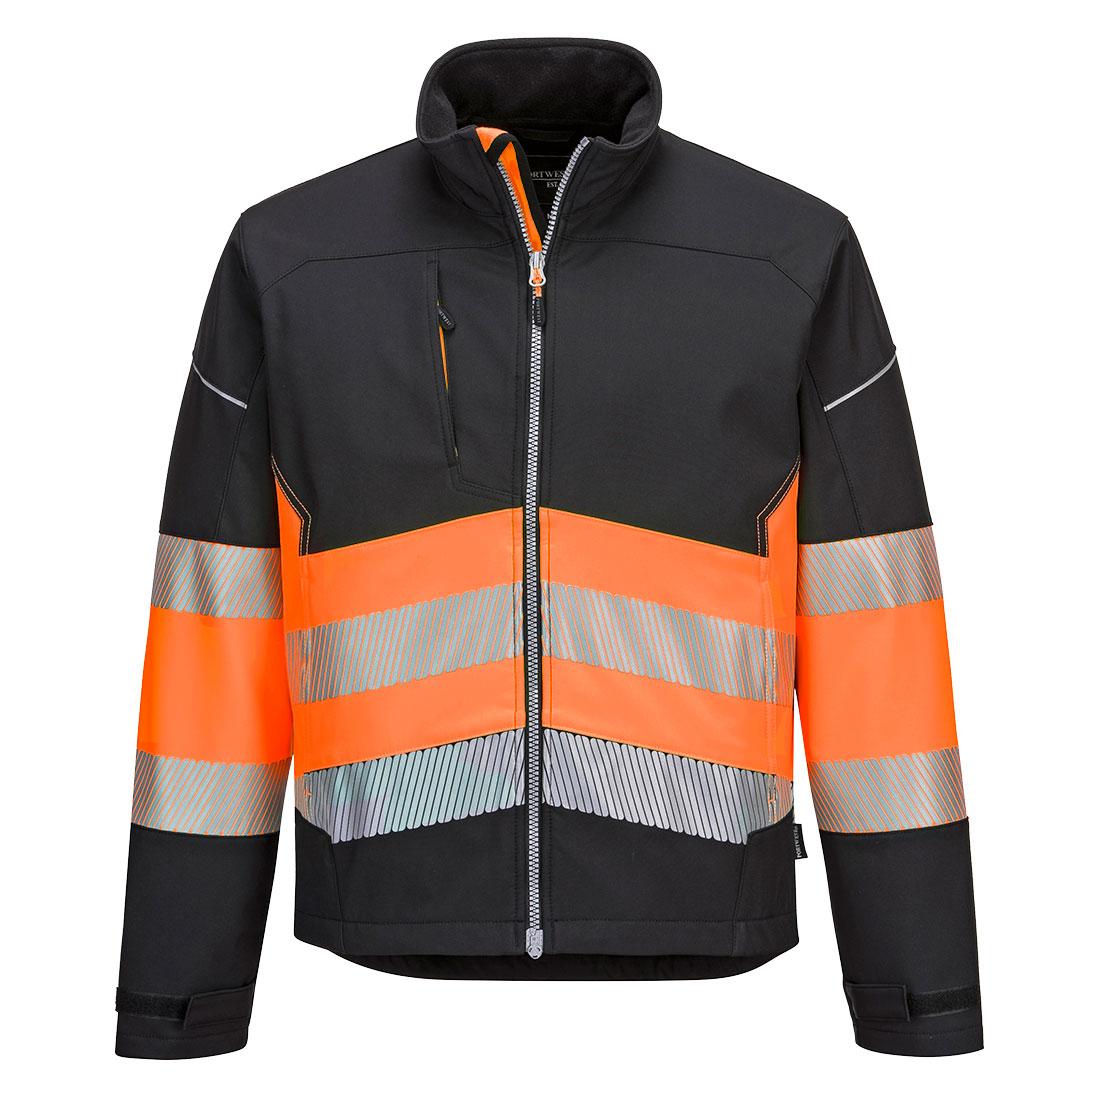 Portwest Hi-Vis Softshell Jacket - Black/Orange